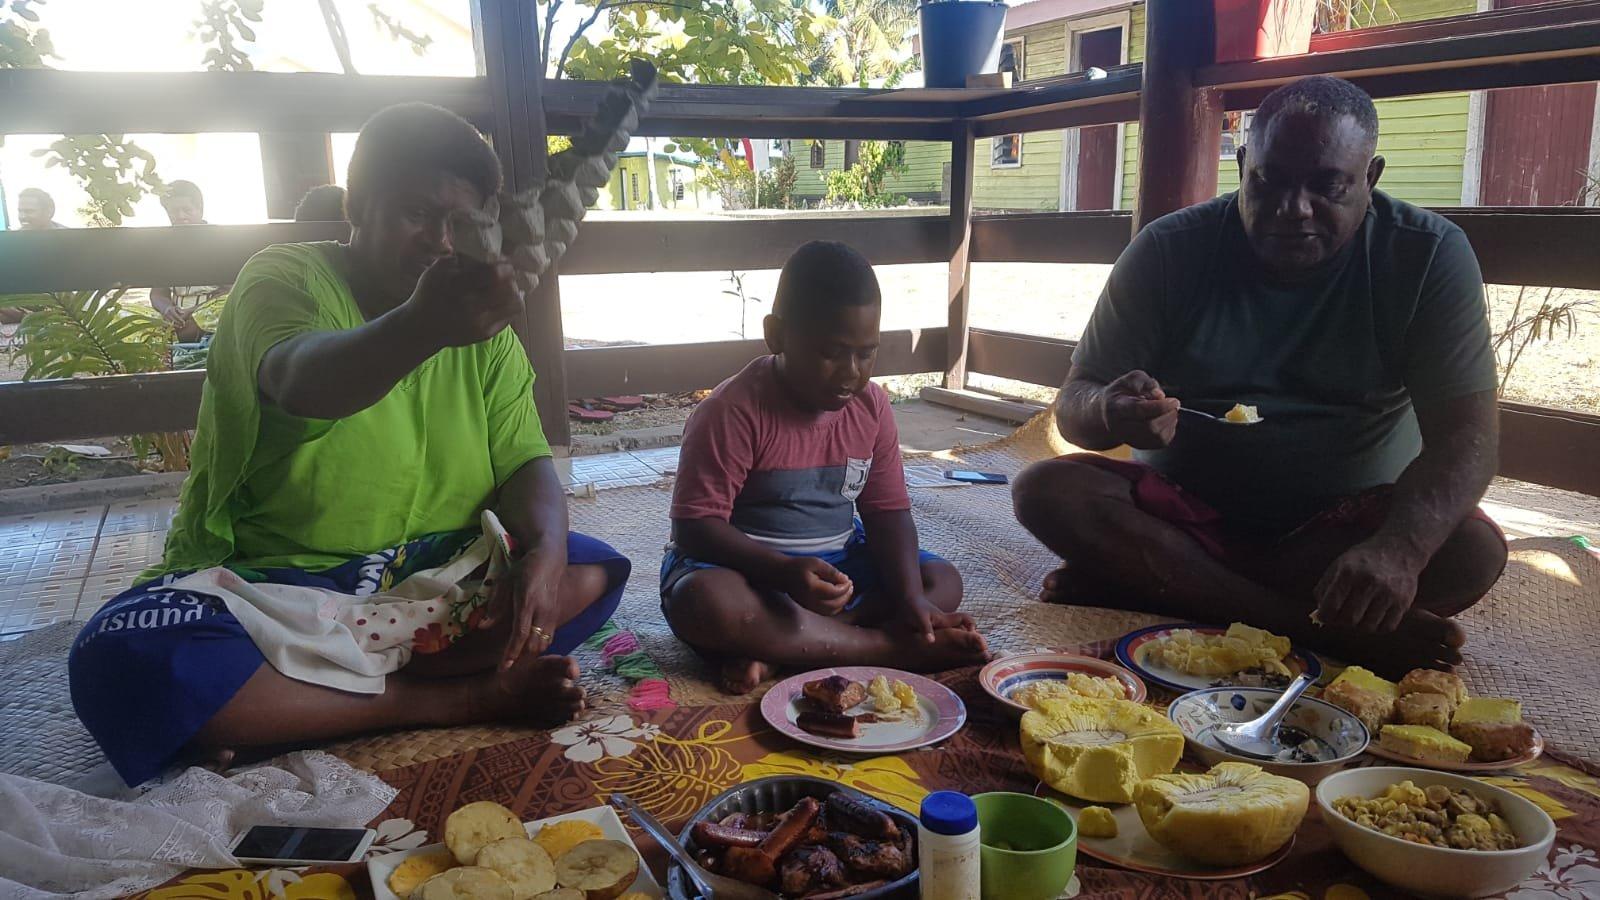 Essen in der Gemeinschaft